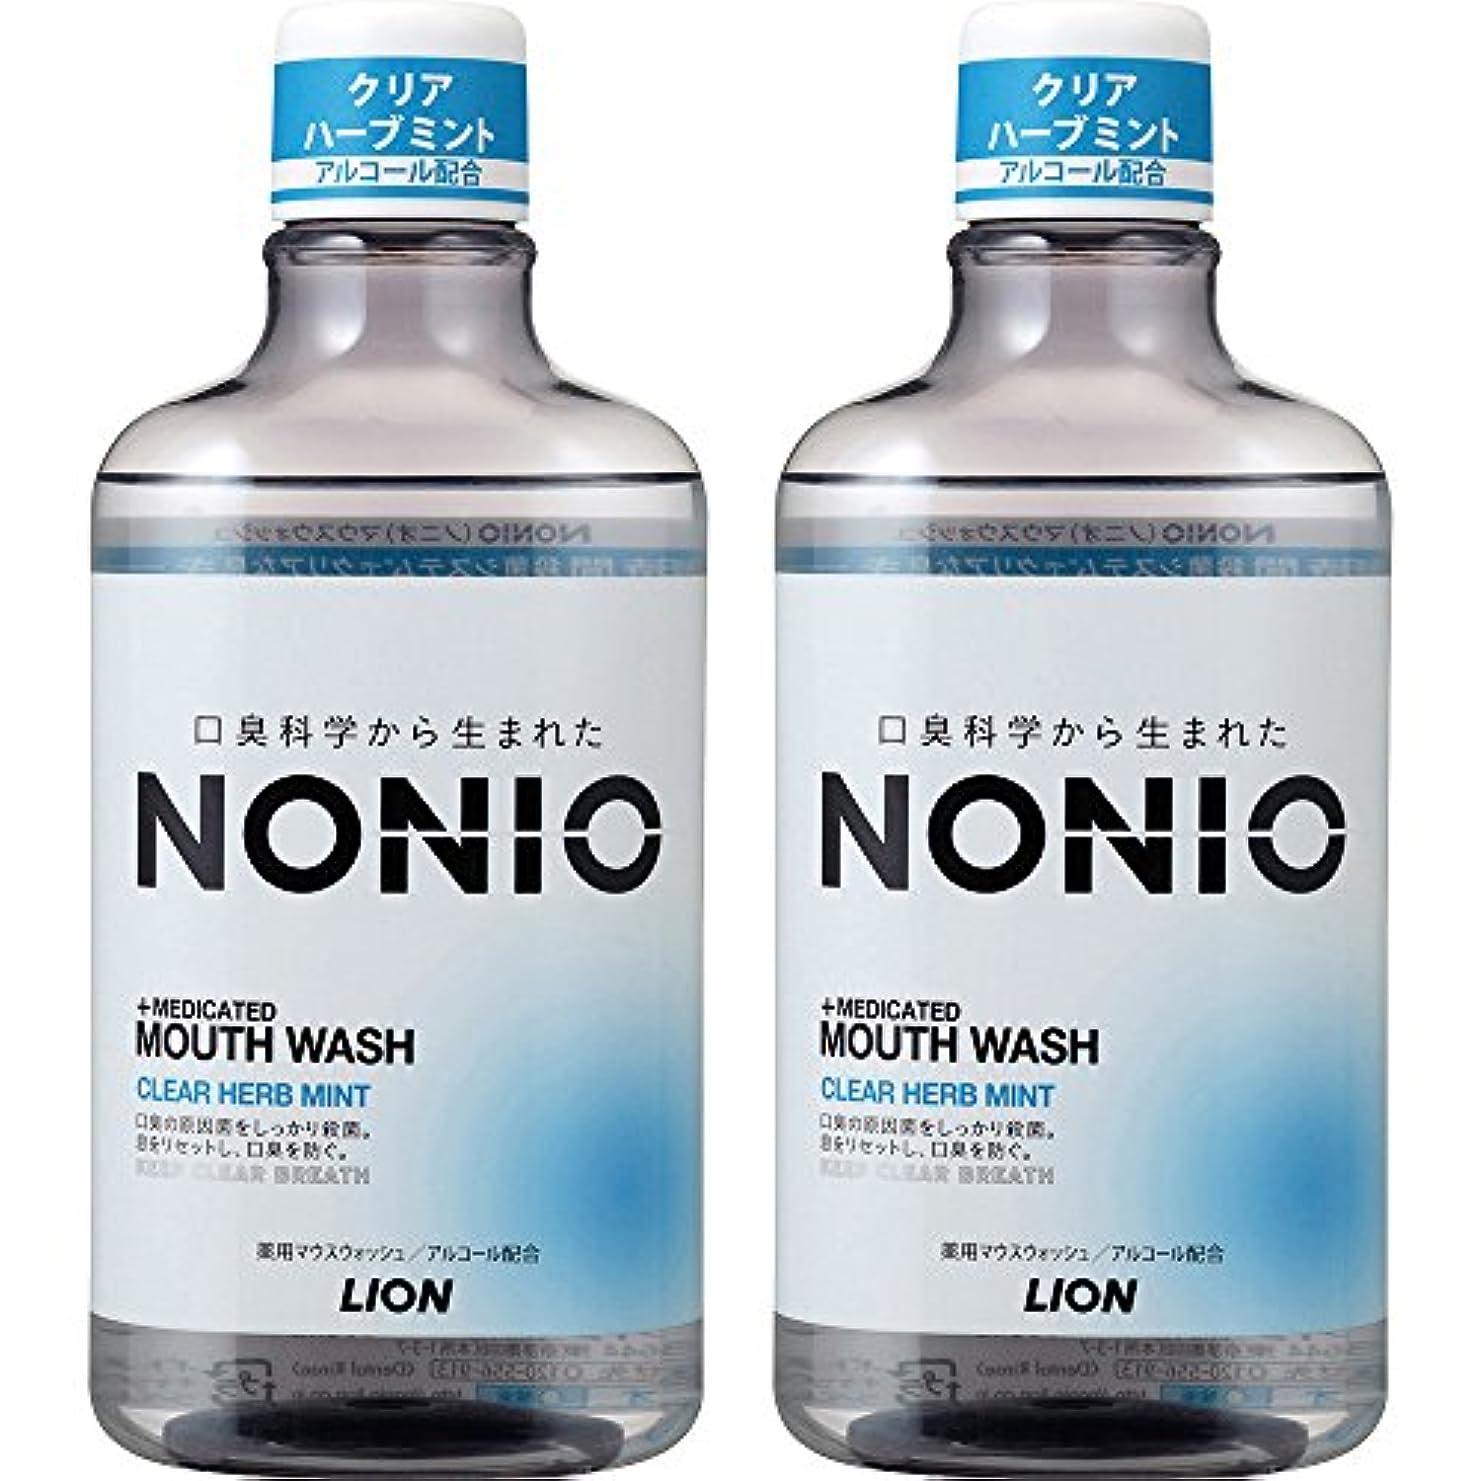 艶がっかりするドロップ[医薬部外品]NONIO(ノニオ) マウスウォッシュ クリアハーブミント 600ml×2個 洗口液